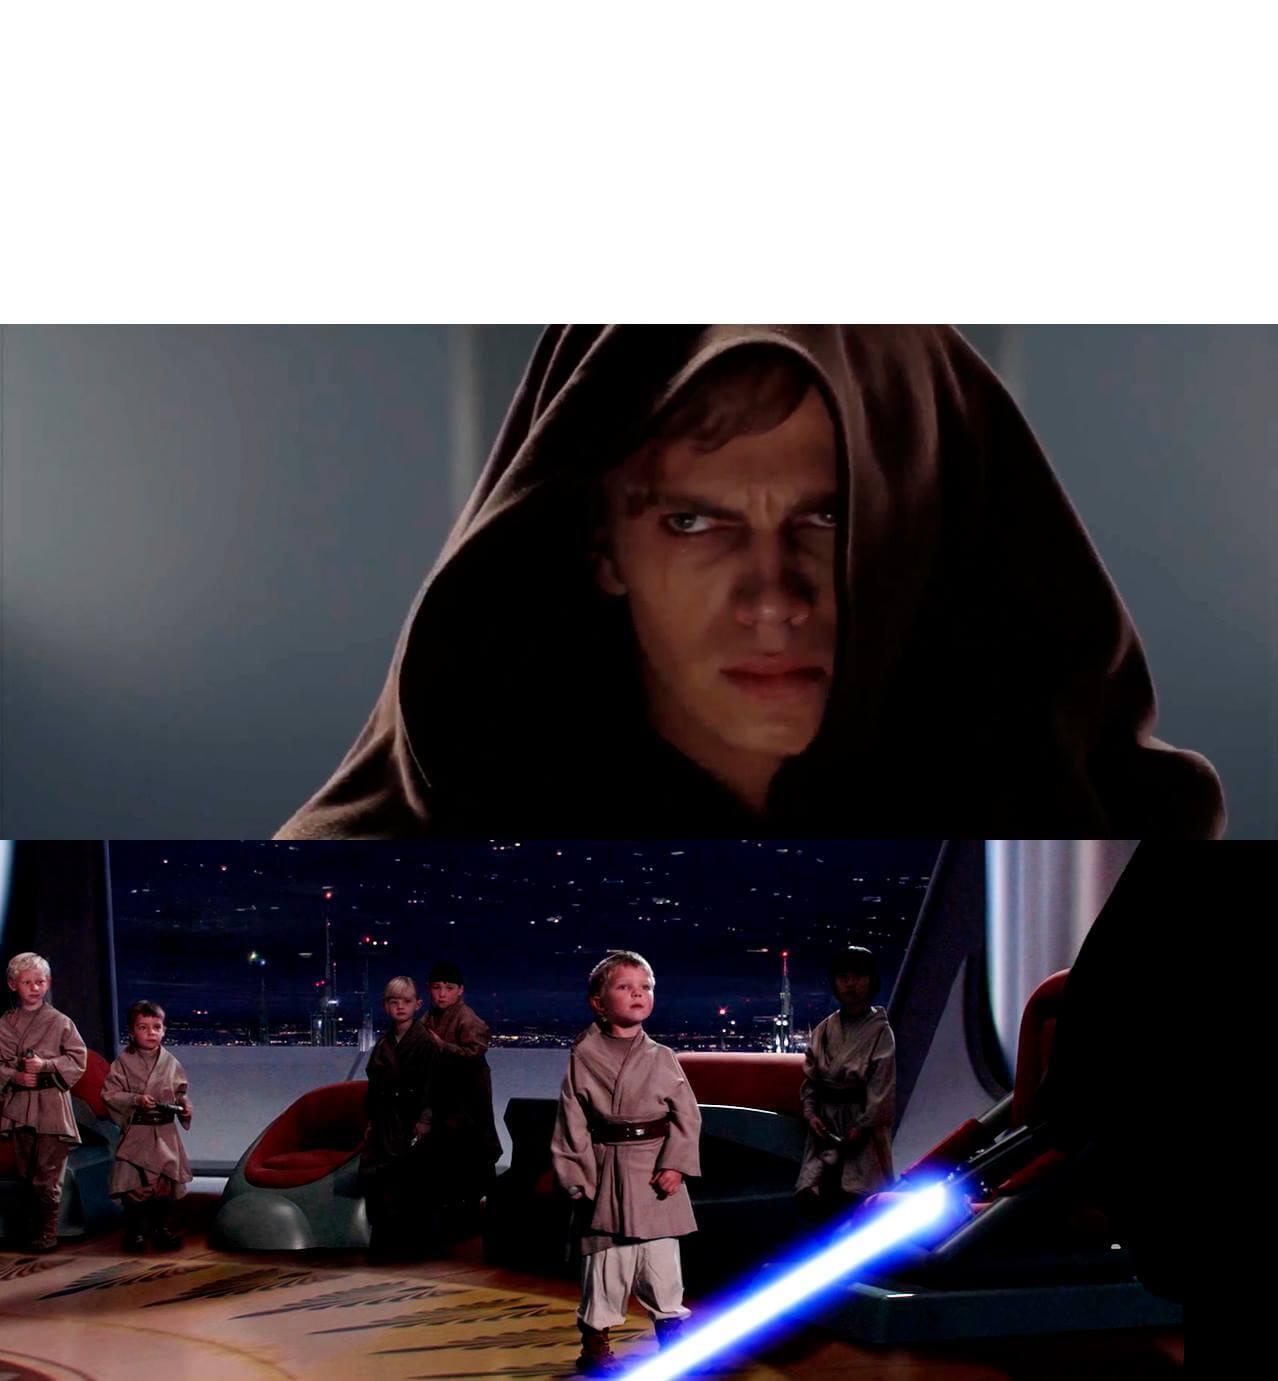 Ir a la pagina de la plantilla Anakin matando a niños padawans.